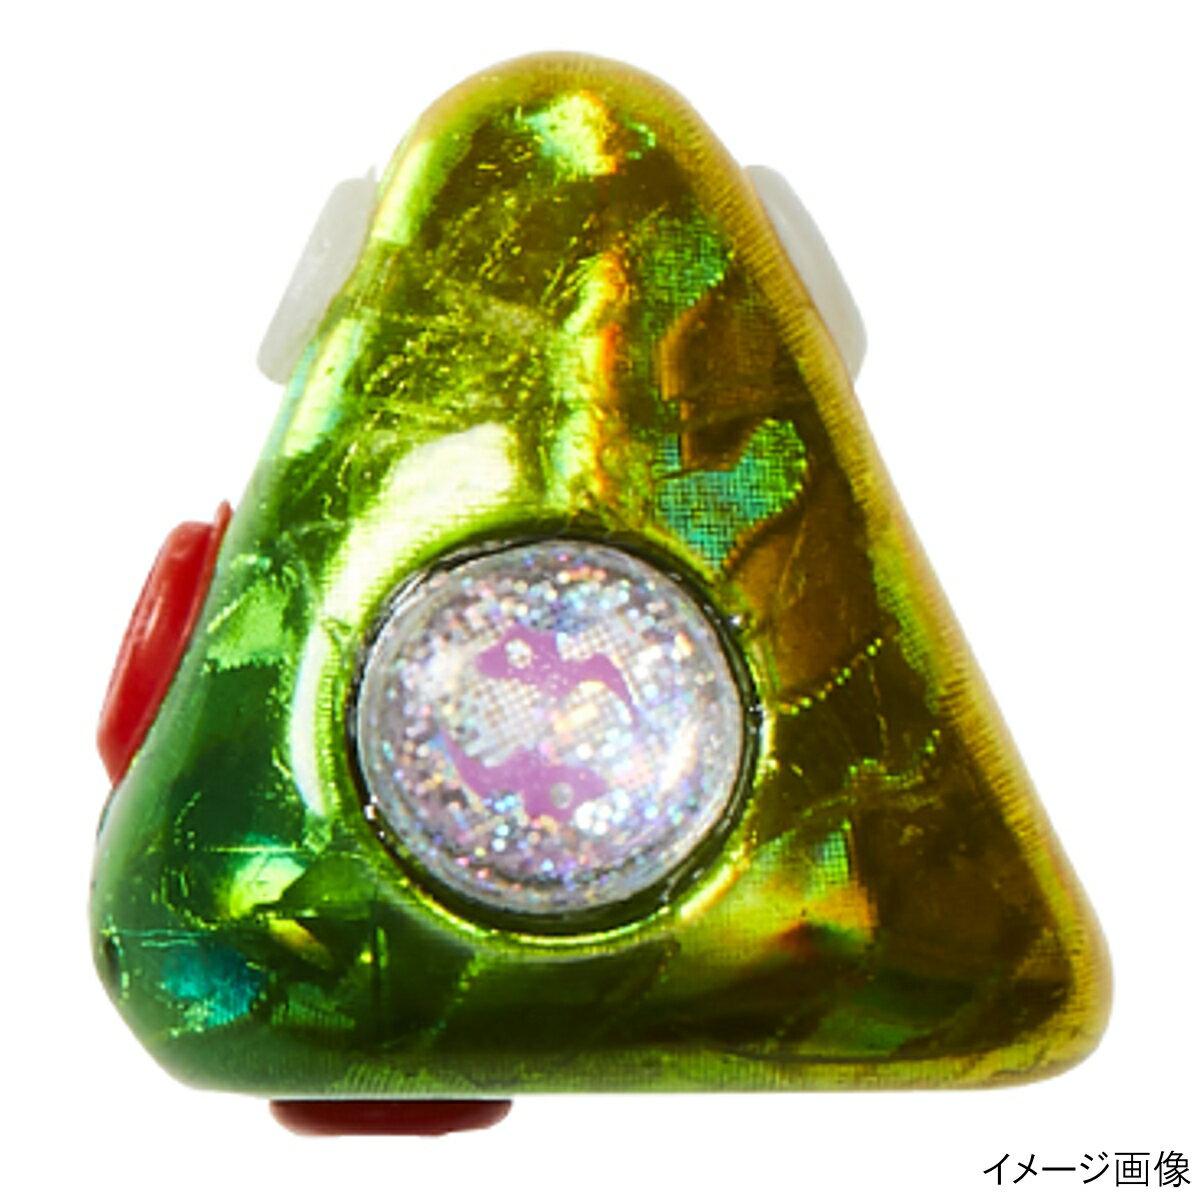 紅牙 遊動テンヤ+TG SS 8号 緑/金 ダイワ【ゆうパケット】